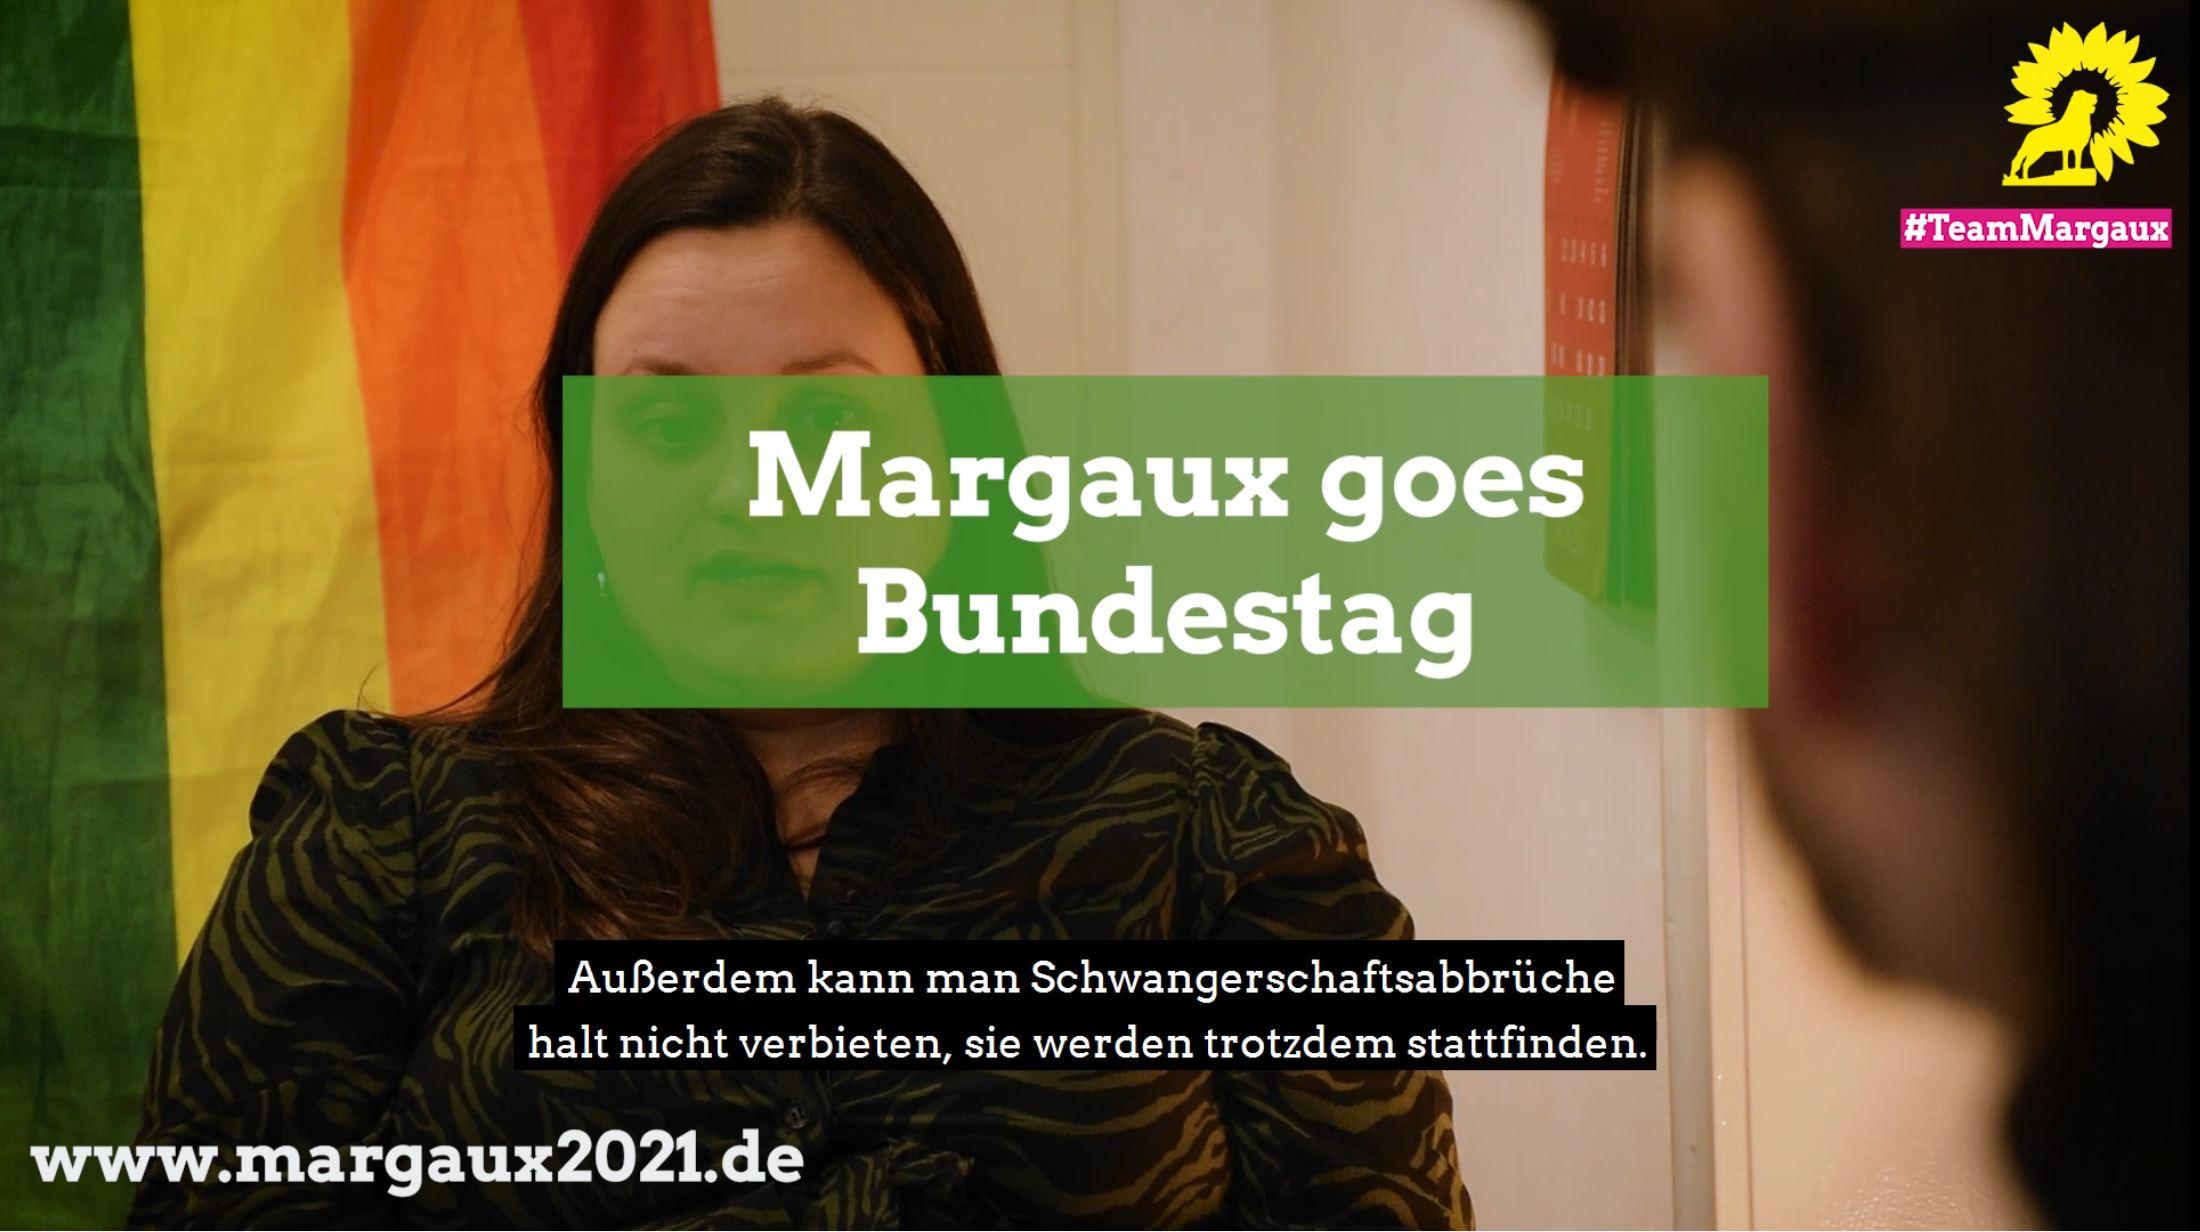 Folge #4 Video Podcast Margaux goes Bundestag